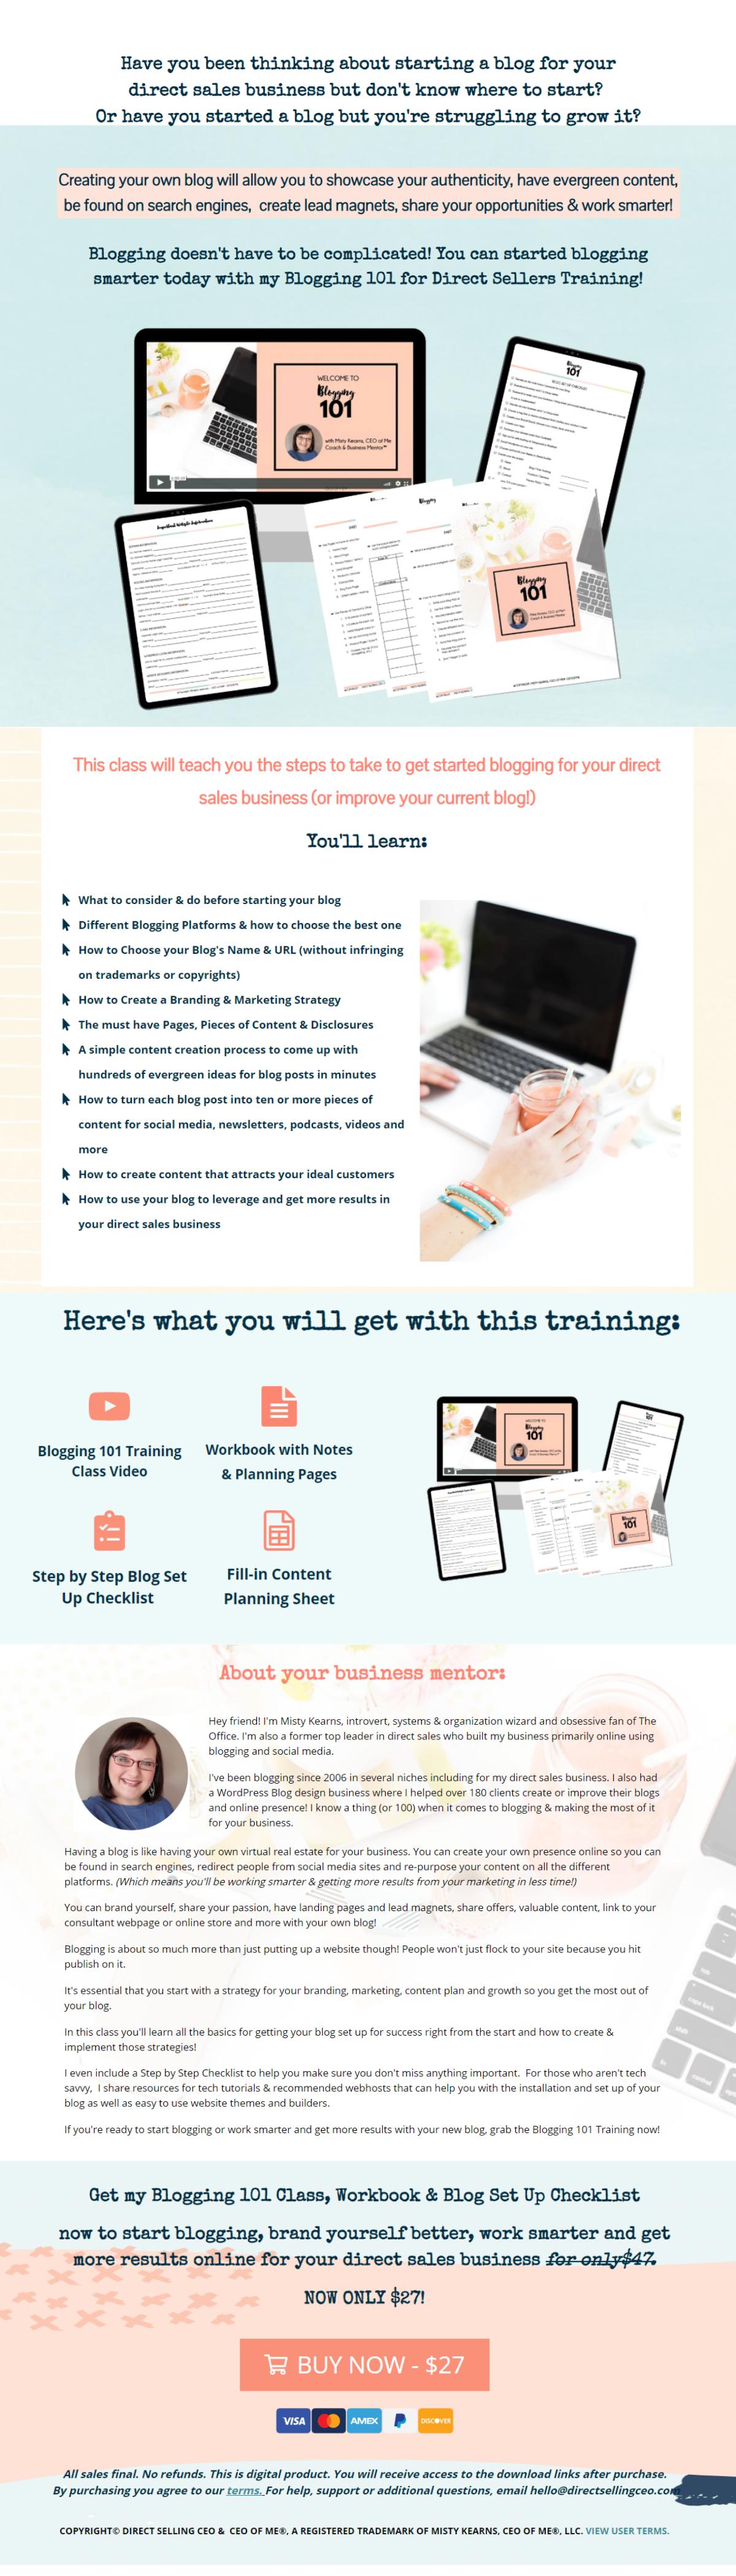 Blogging 101 Sales Page